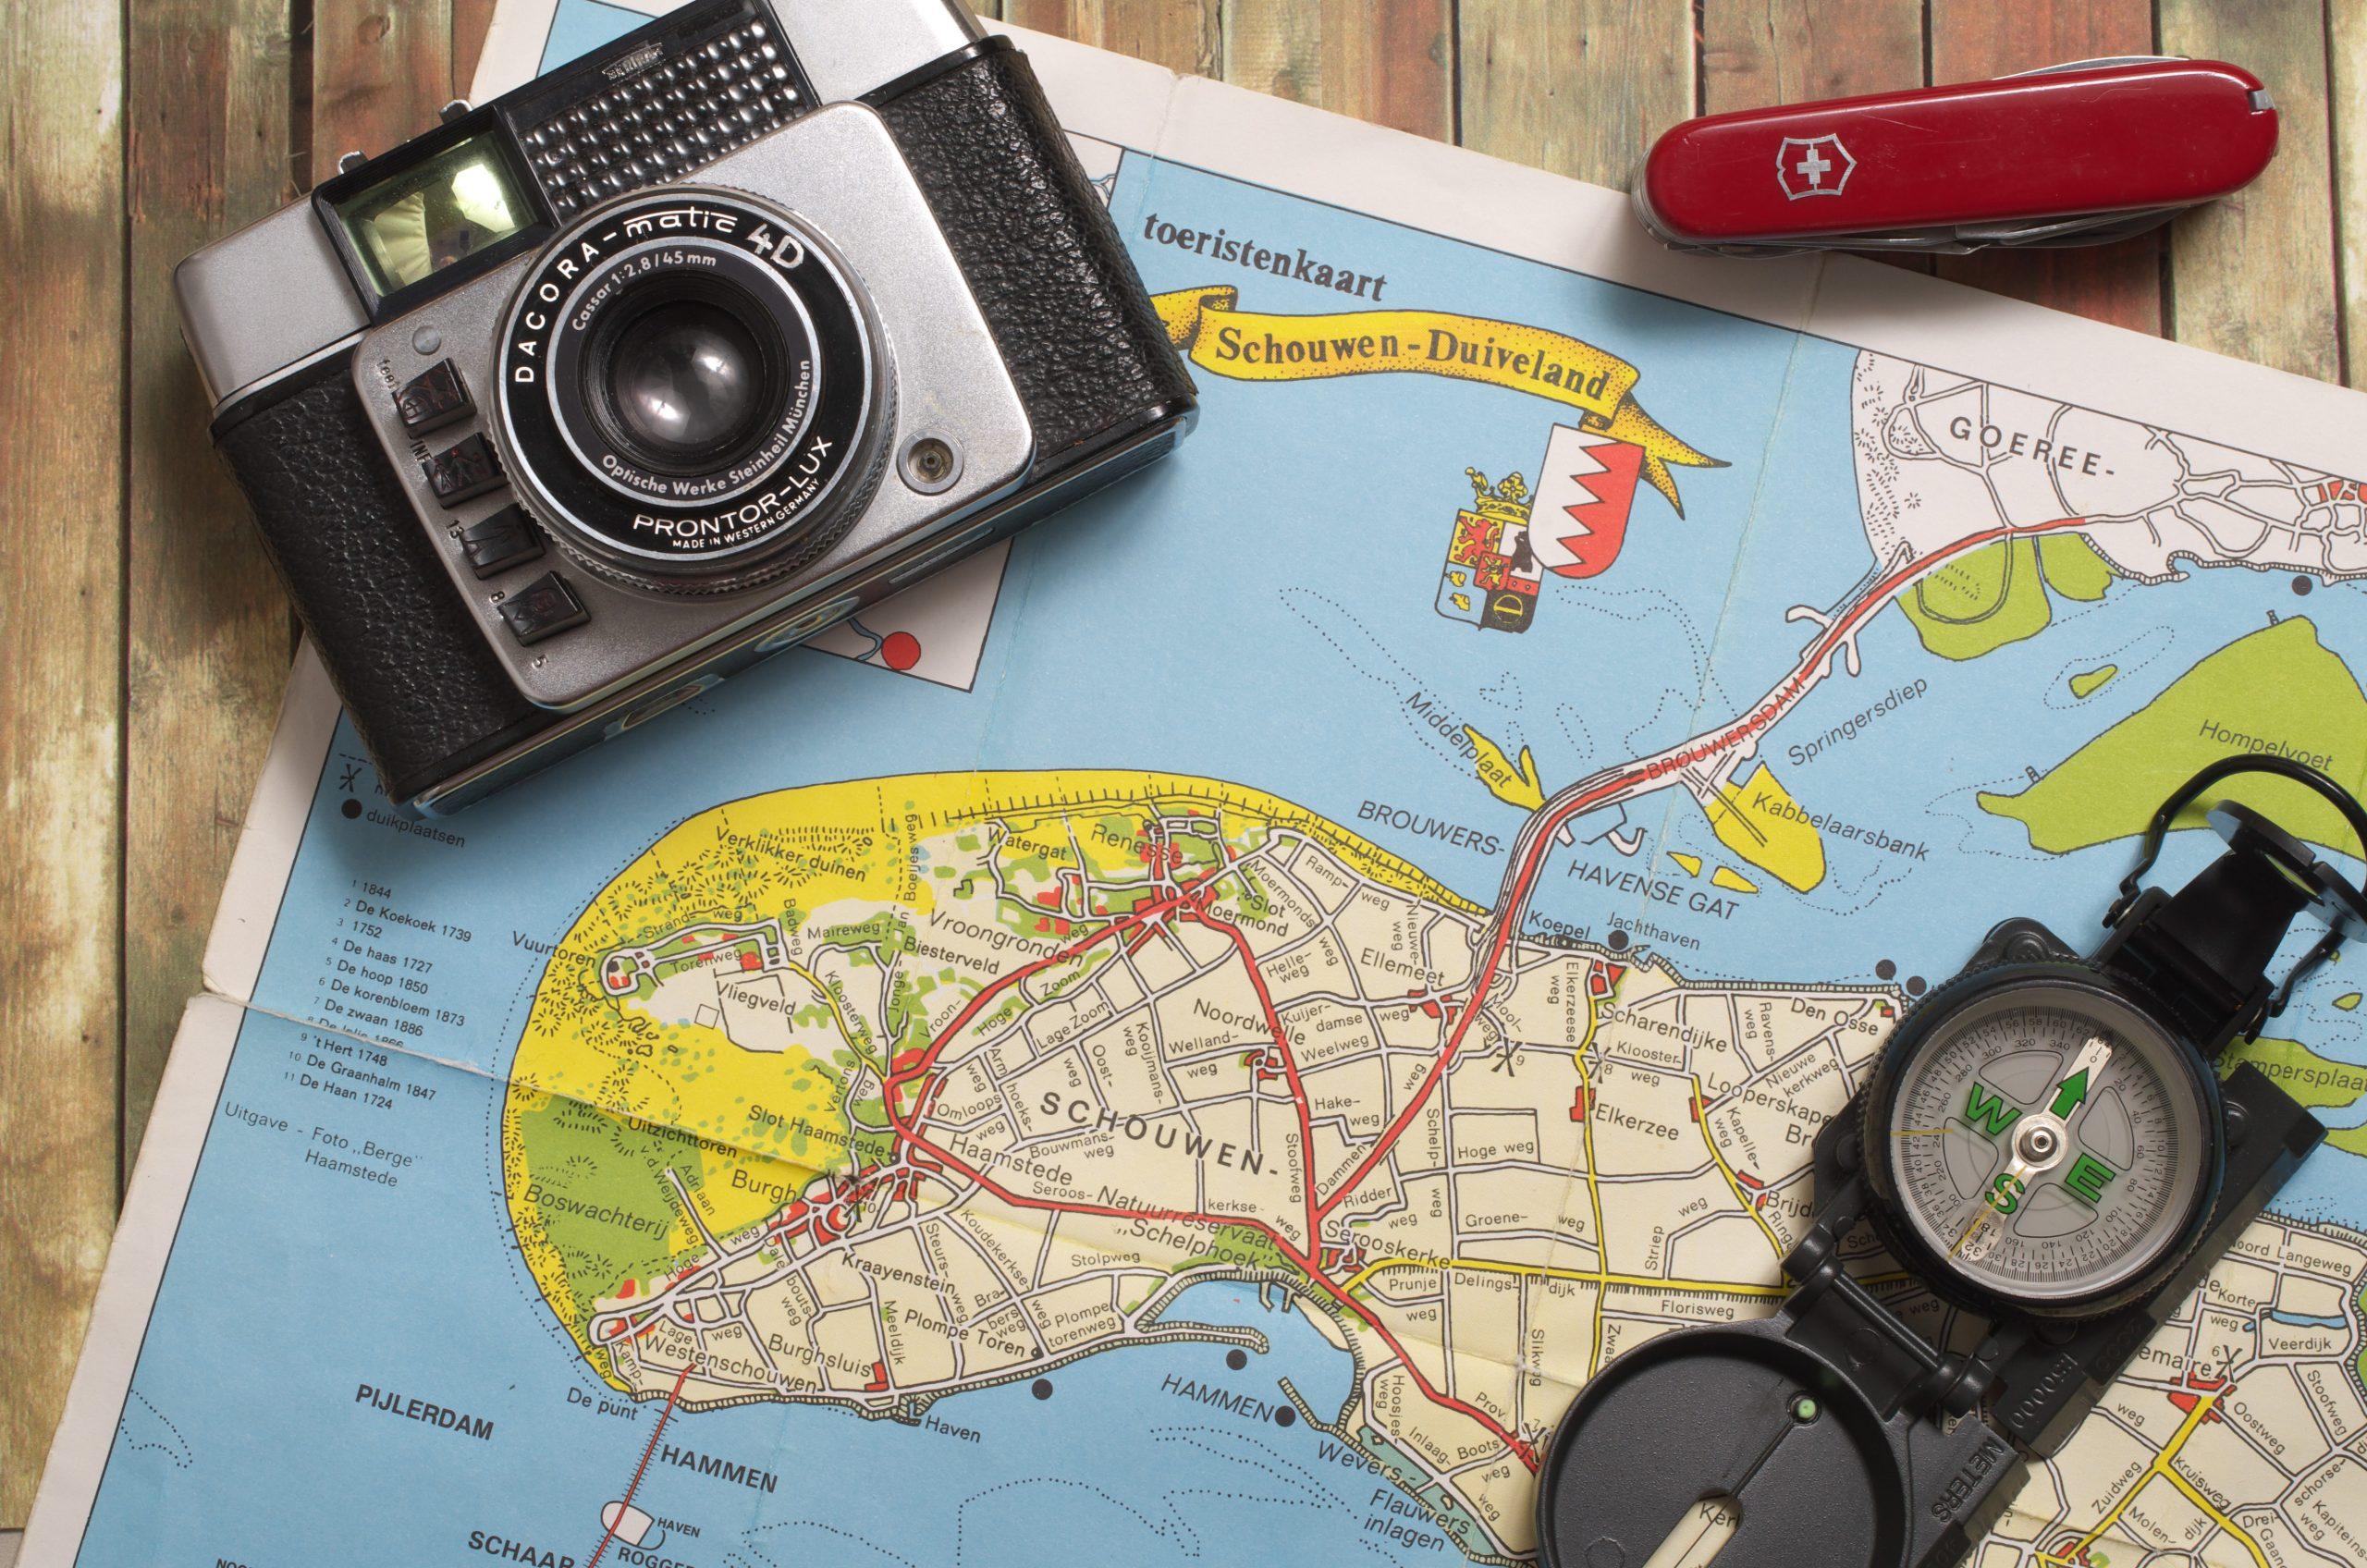 Imagem mostra um canivete Victorinox junto com um mapa, uma câmera e uma bússola.